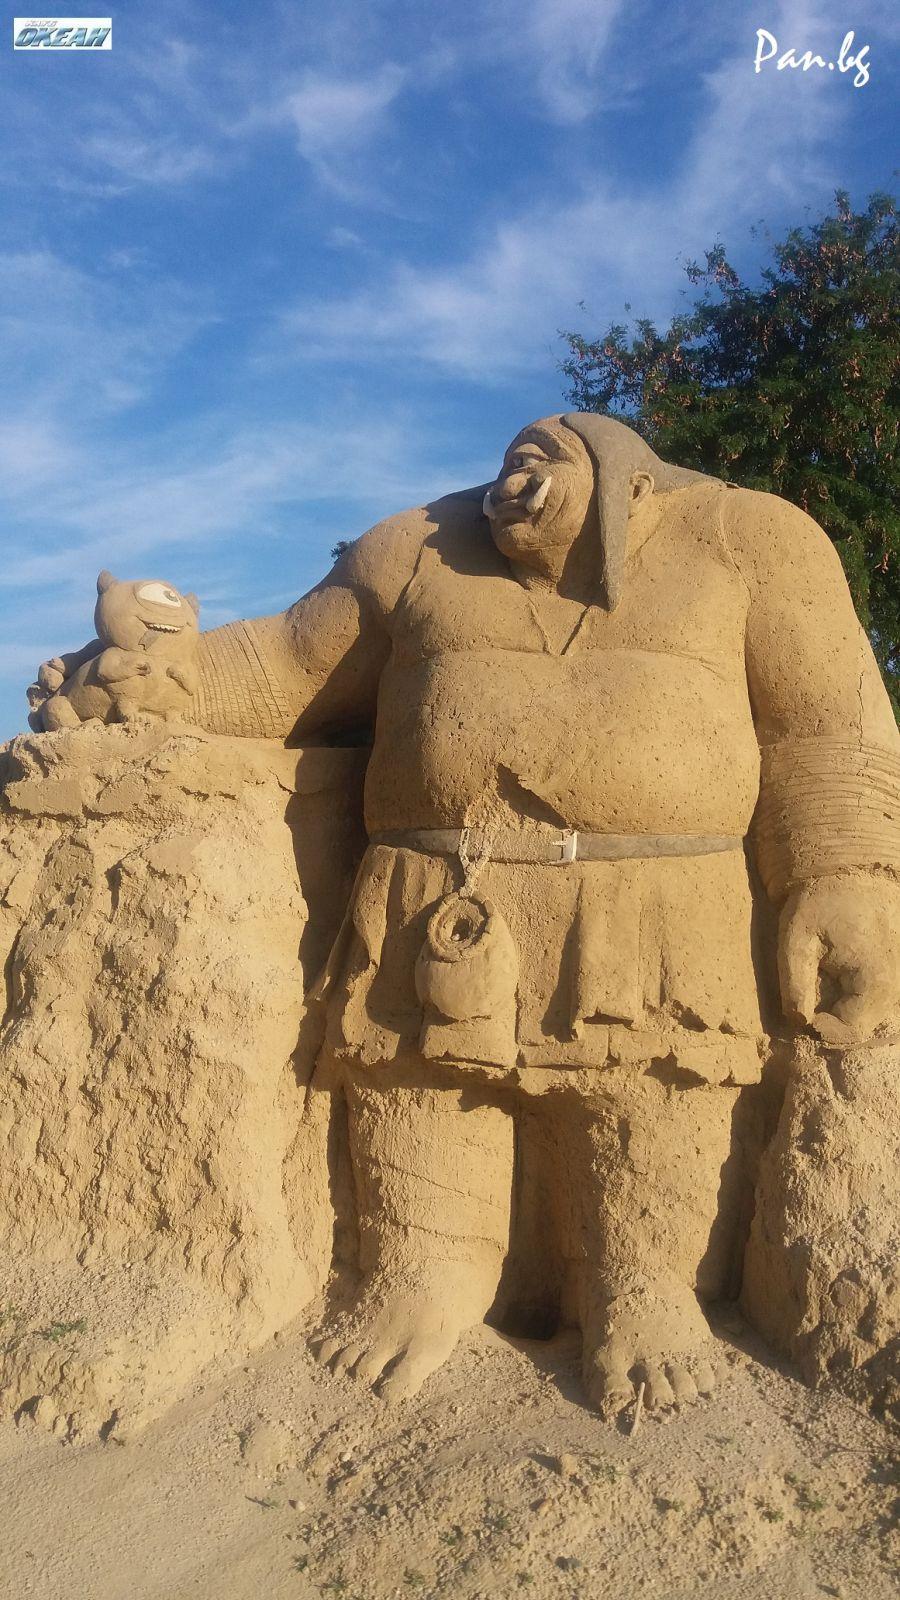 Атрактивно: Ще видим фигурите на Алиса, Пипи, Спондж Боб и Хари Потър в новото издание на Фестивала на пясъчните скулптури в Бургас